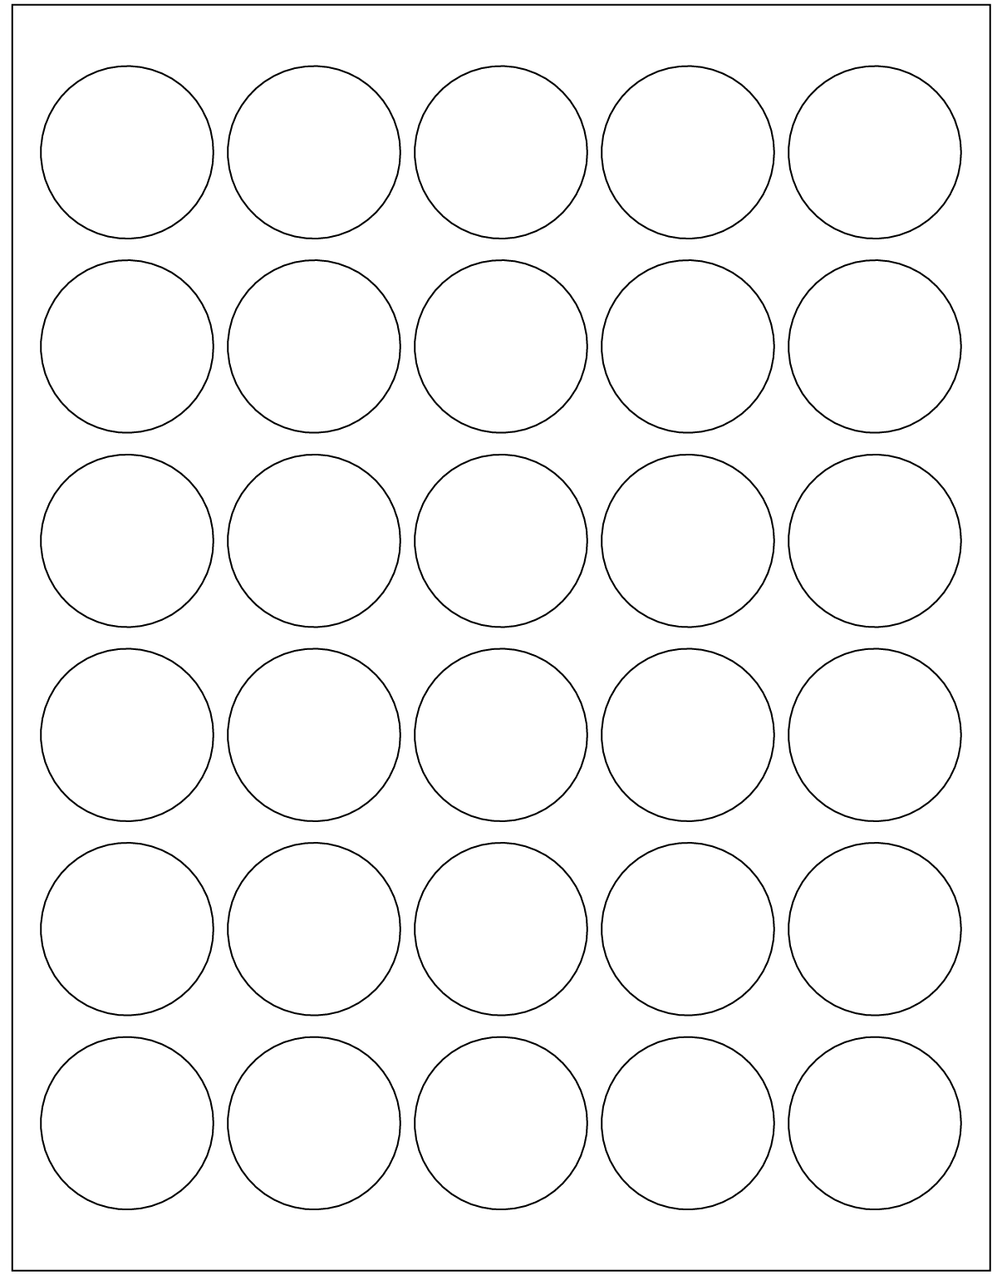 Template - 1 5 Inch Round Labels - InkScissorsPaper